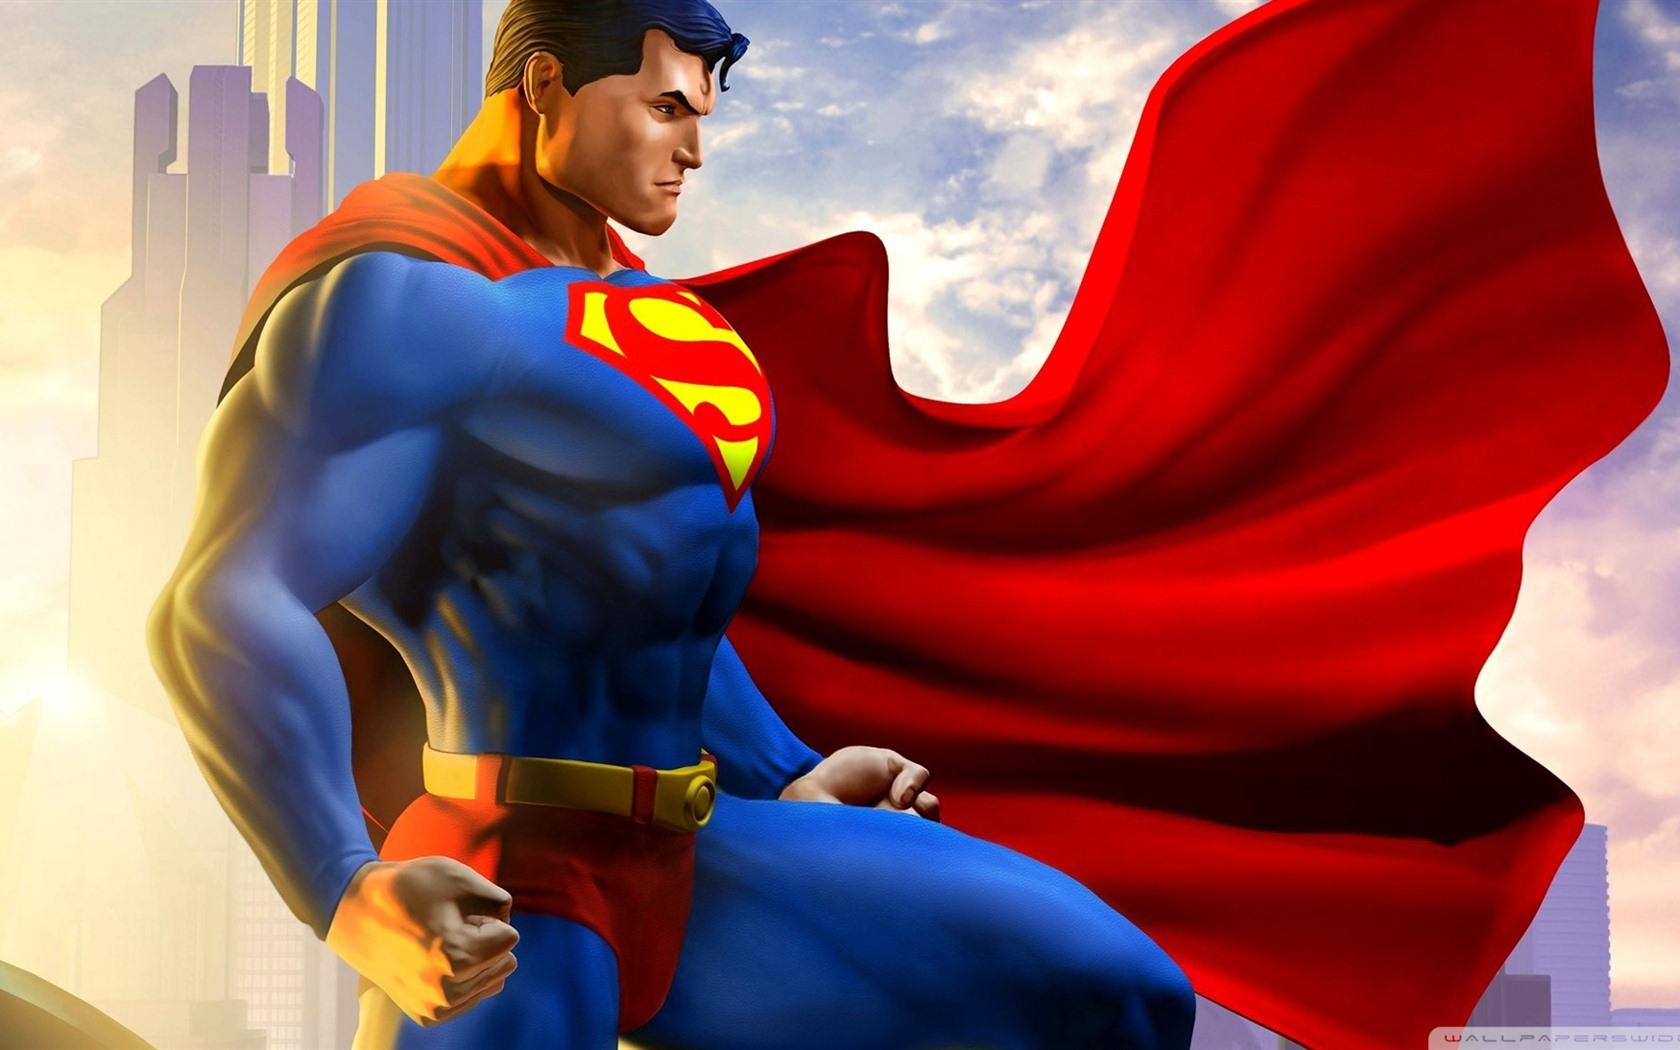 スーパーマン (架空の人物)の画像 p1_27